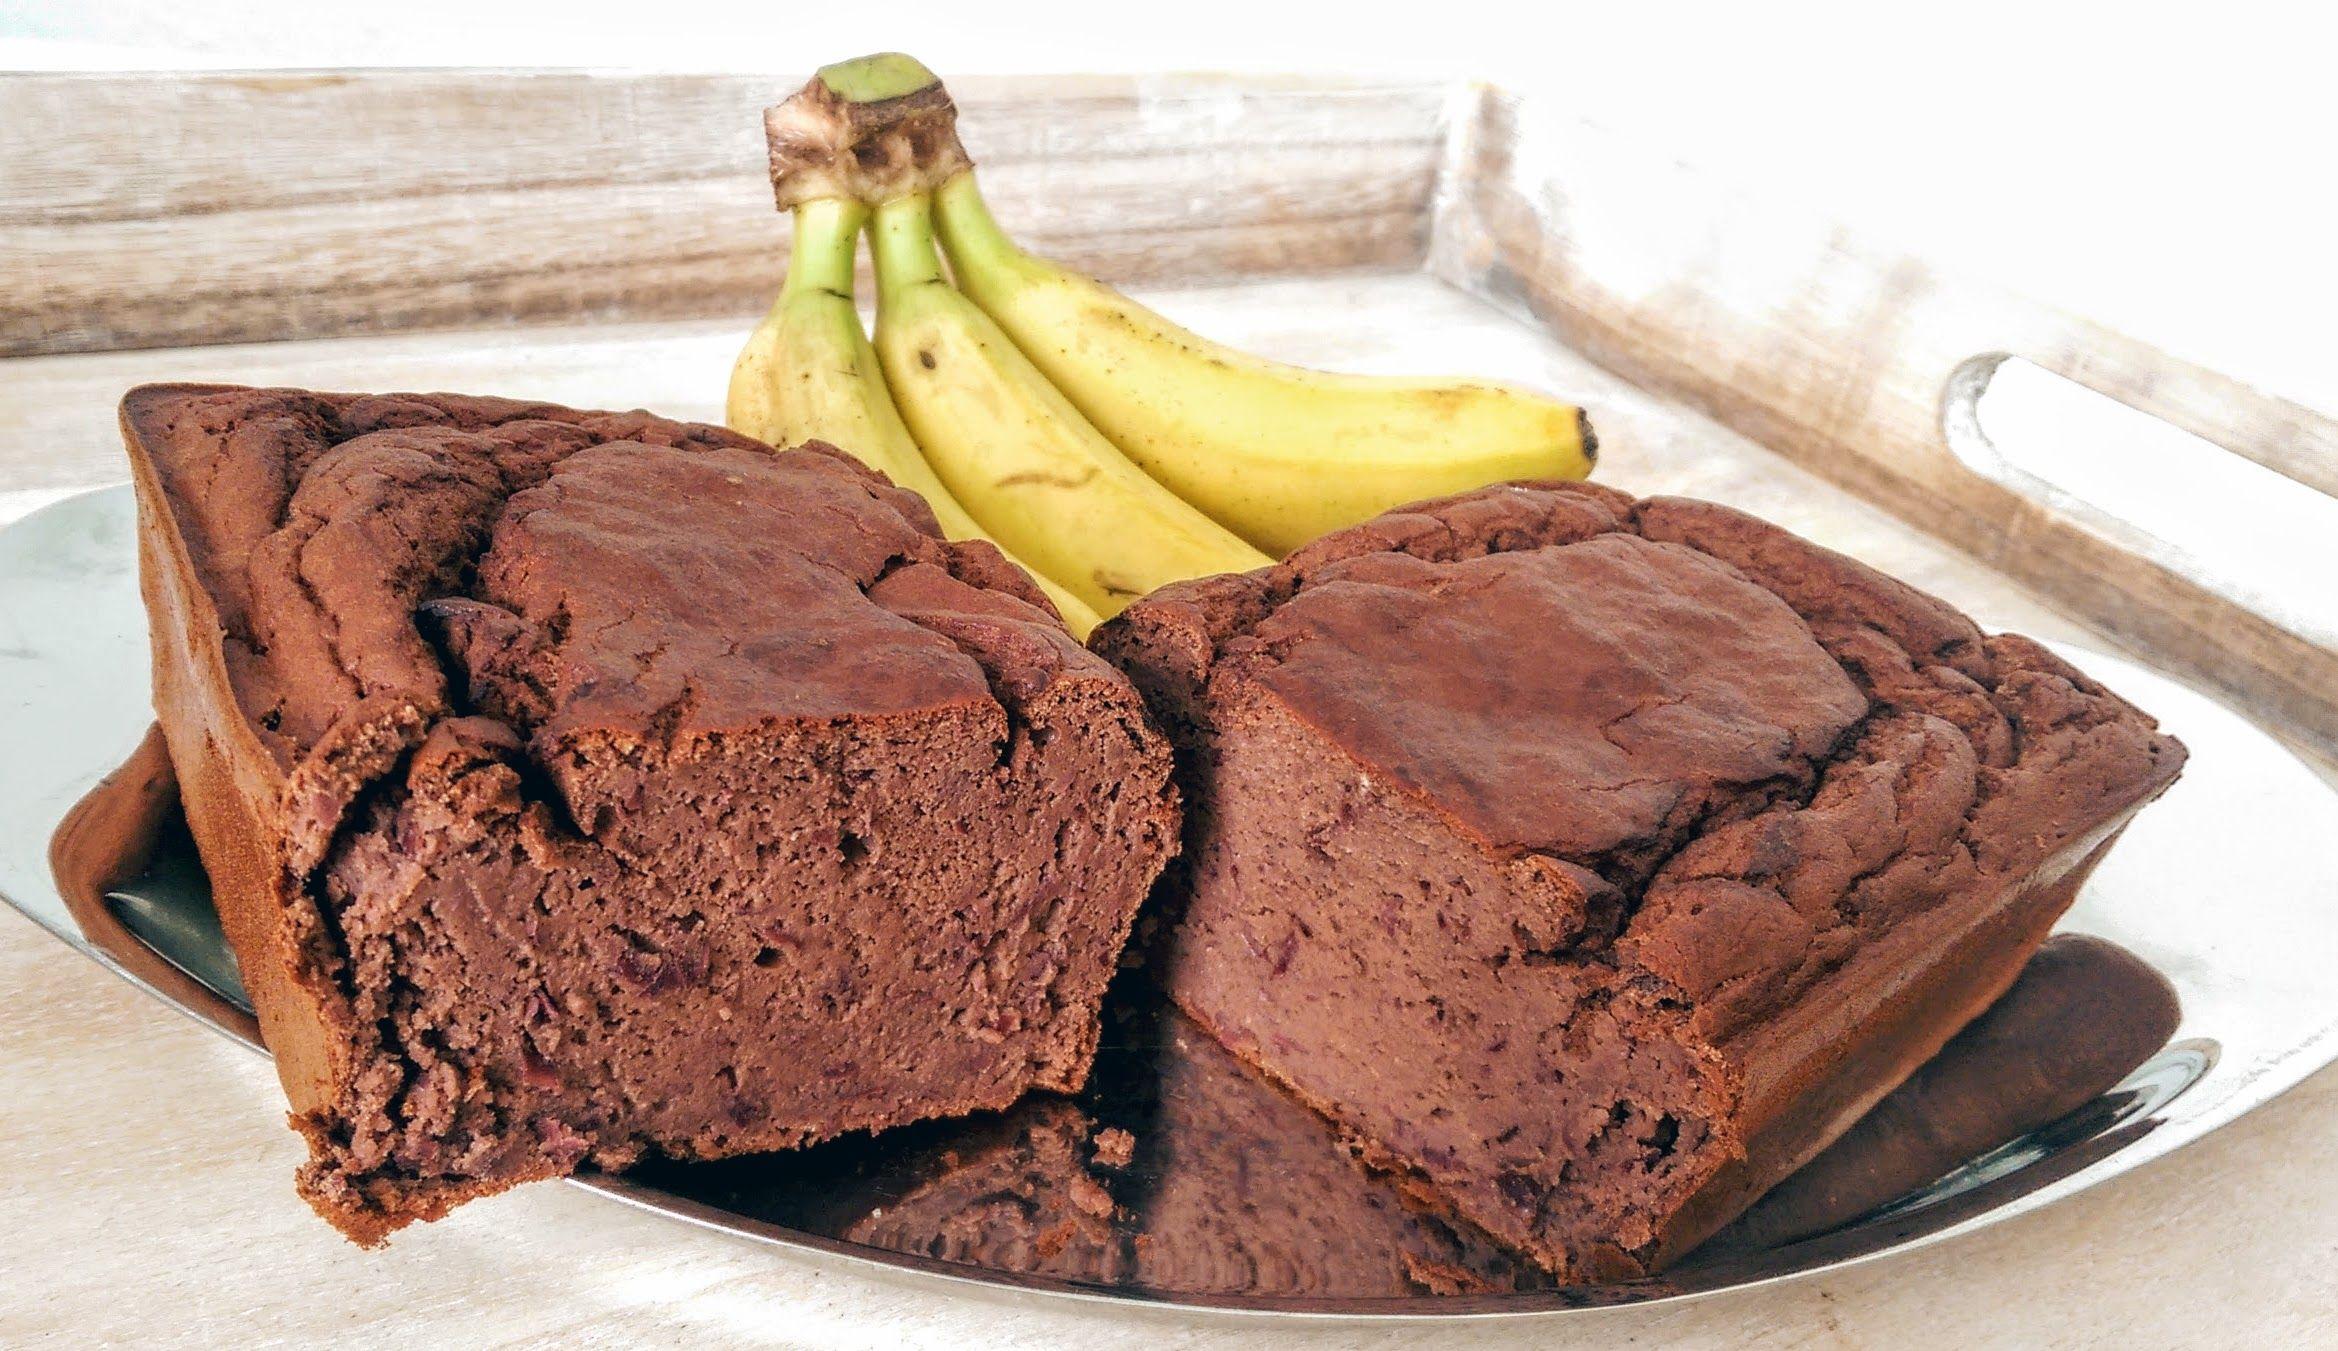 Sundenfreier Schoko Bananen Kuchen Schoko Bananen Kuchen Bananen Kuchen Kuchen Ohne Mehl